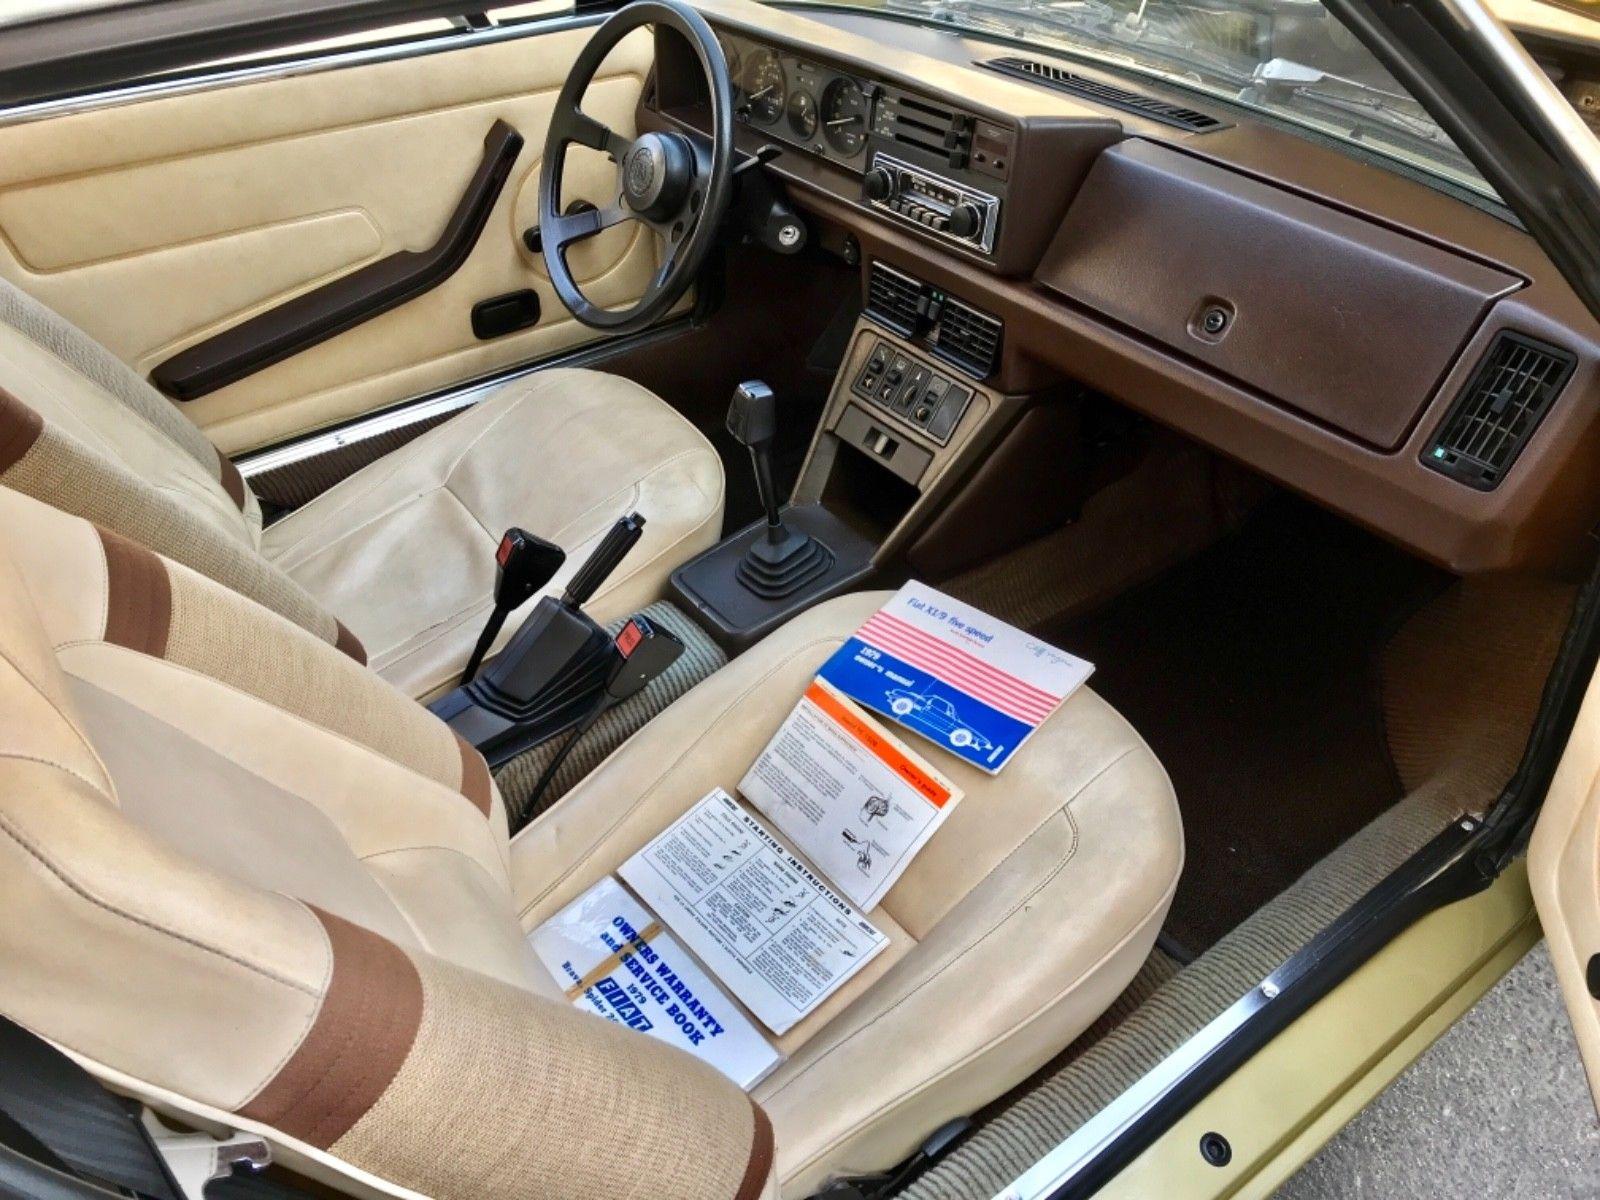 1979 Fiat X1/9 interior